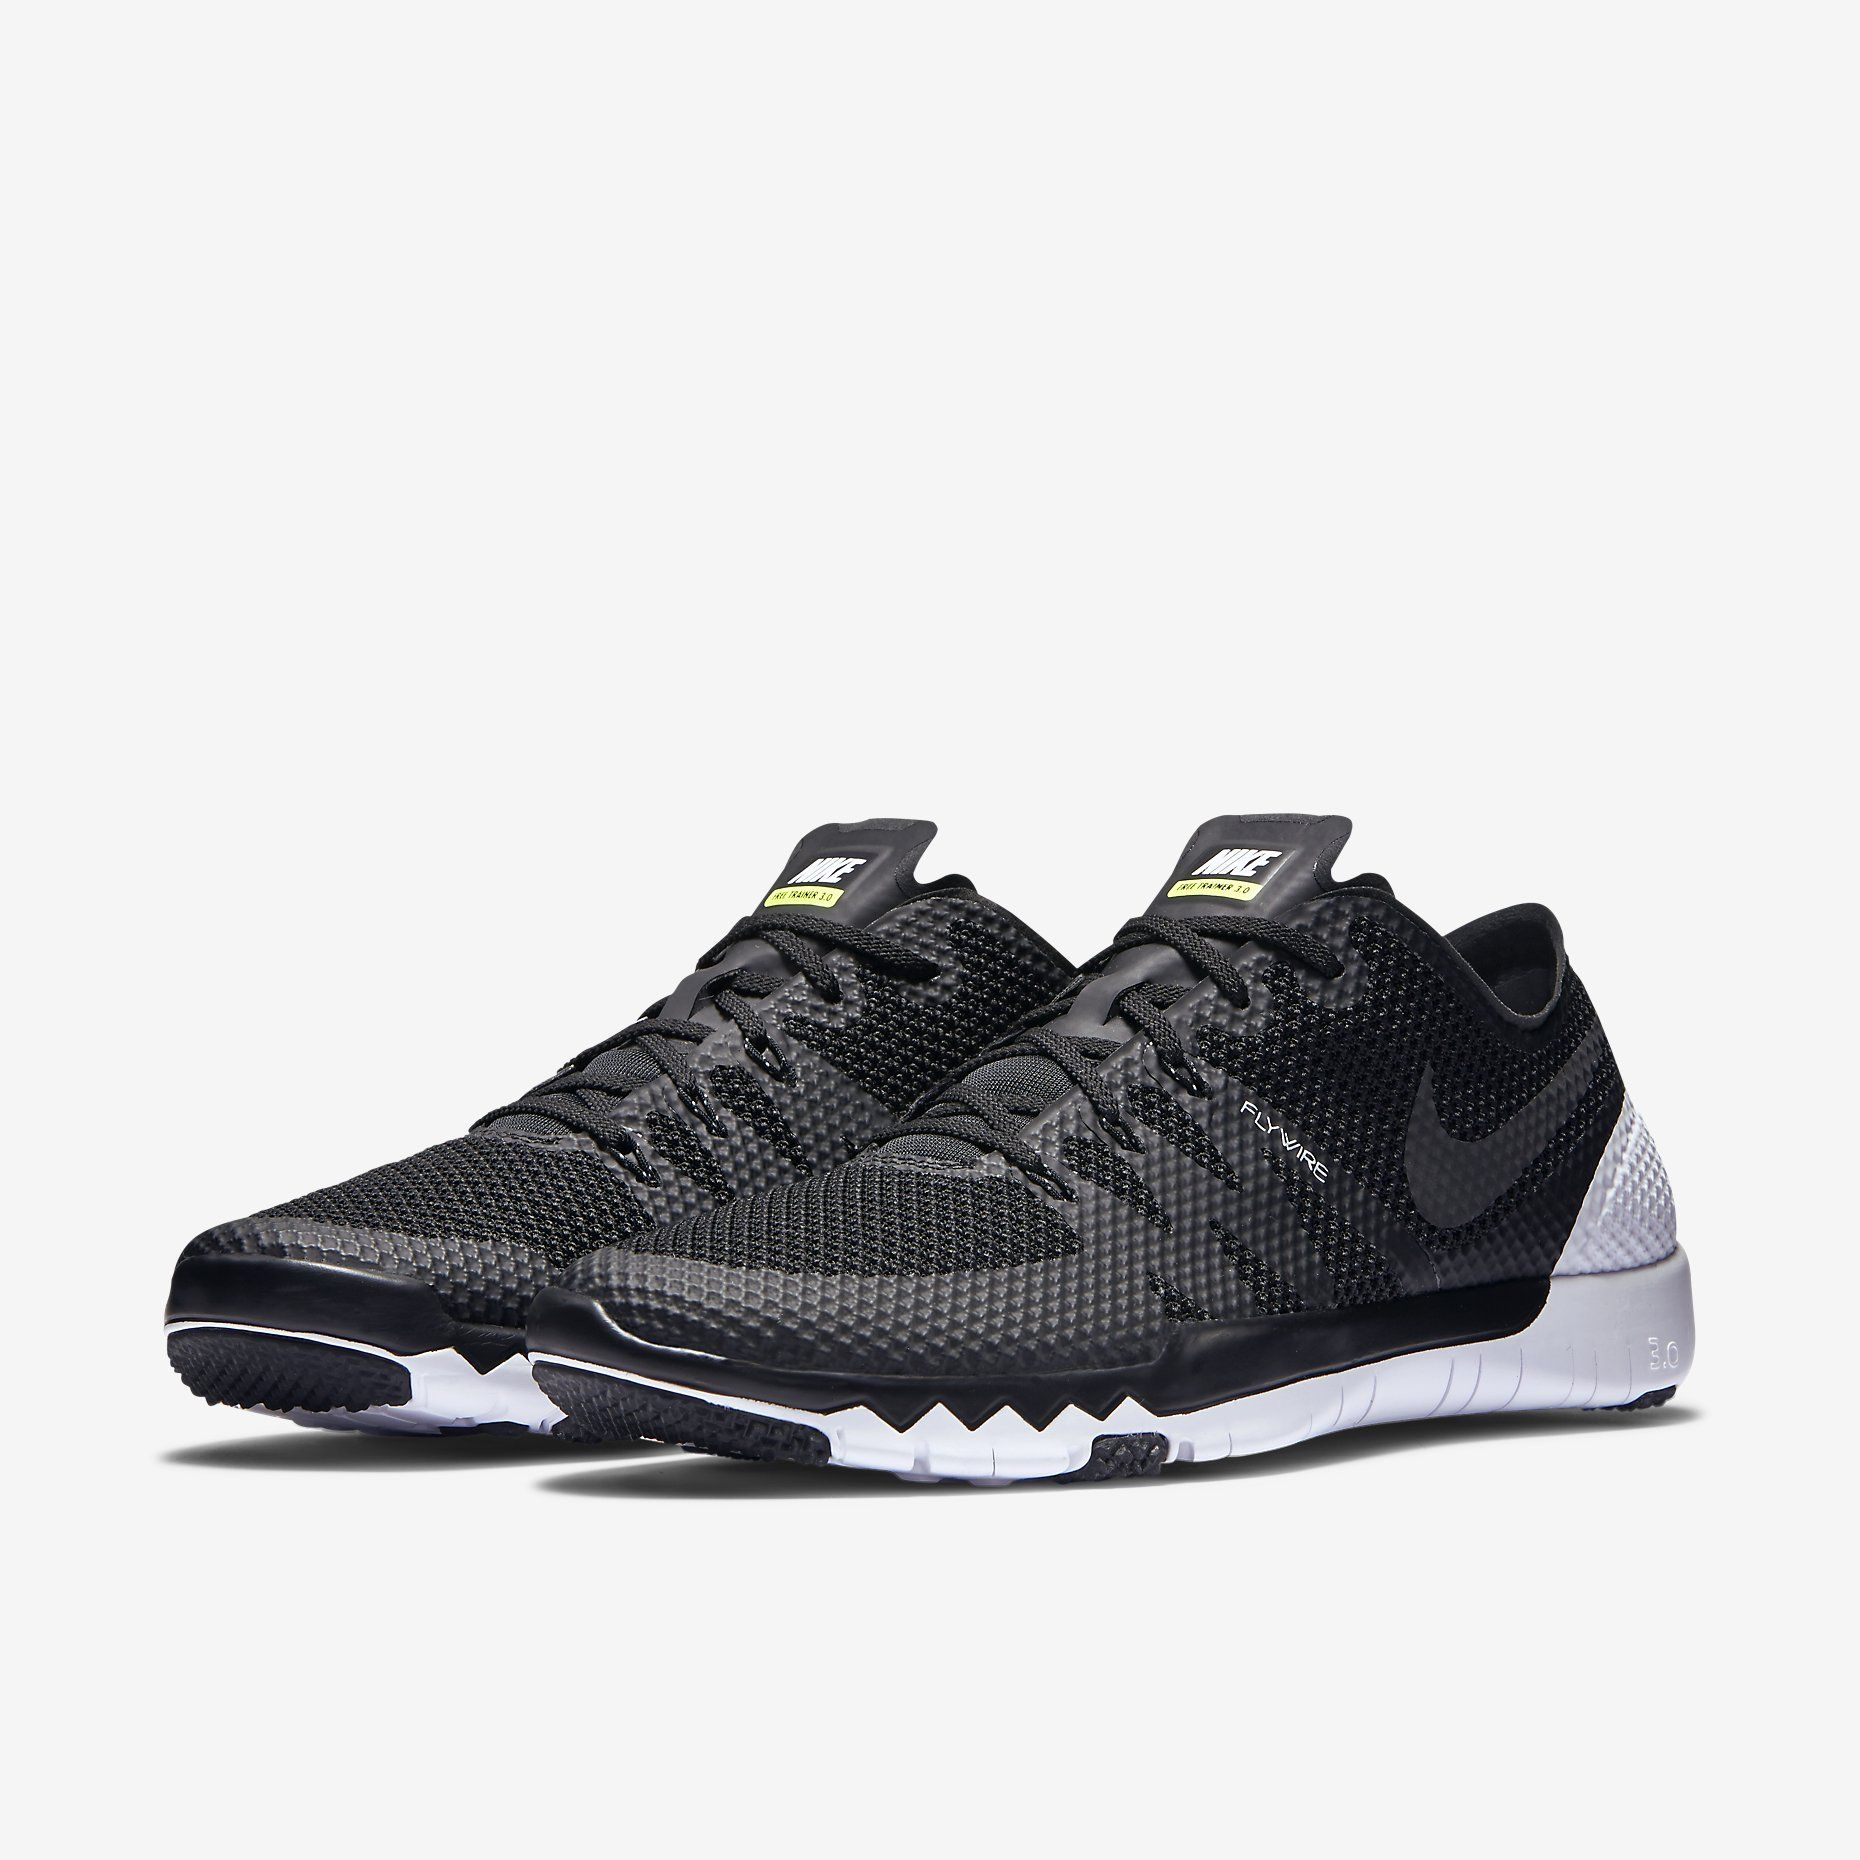 nouveaux styles 25e41 8af86 Nike Free Trainer 3.0 V3 – Chaussure de training pour Homme ...